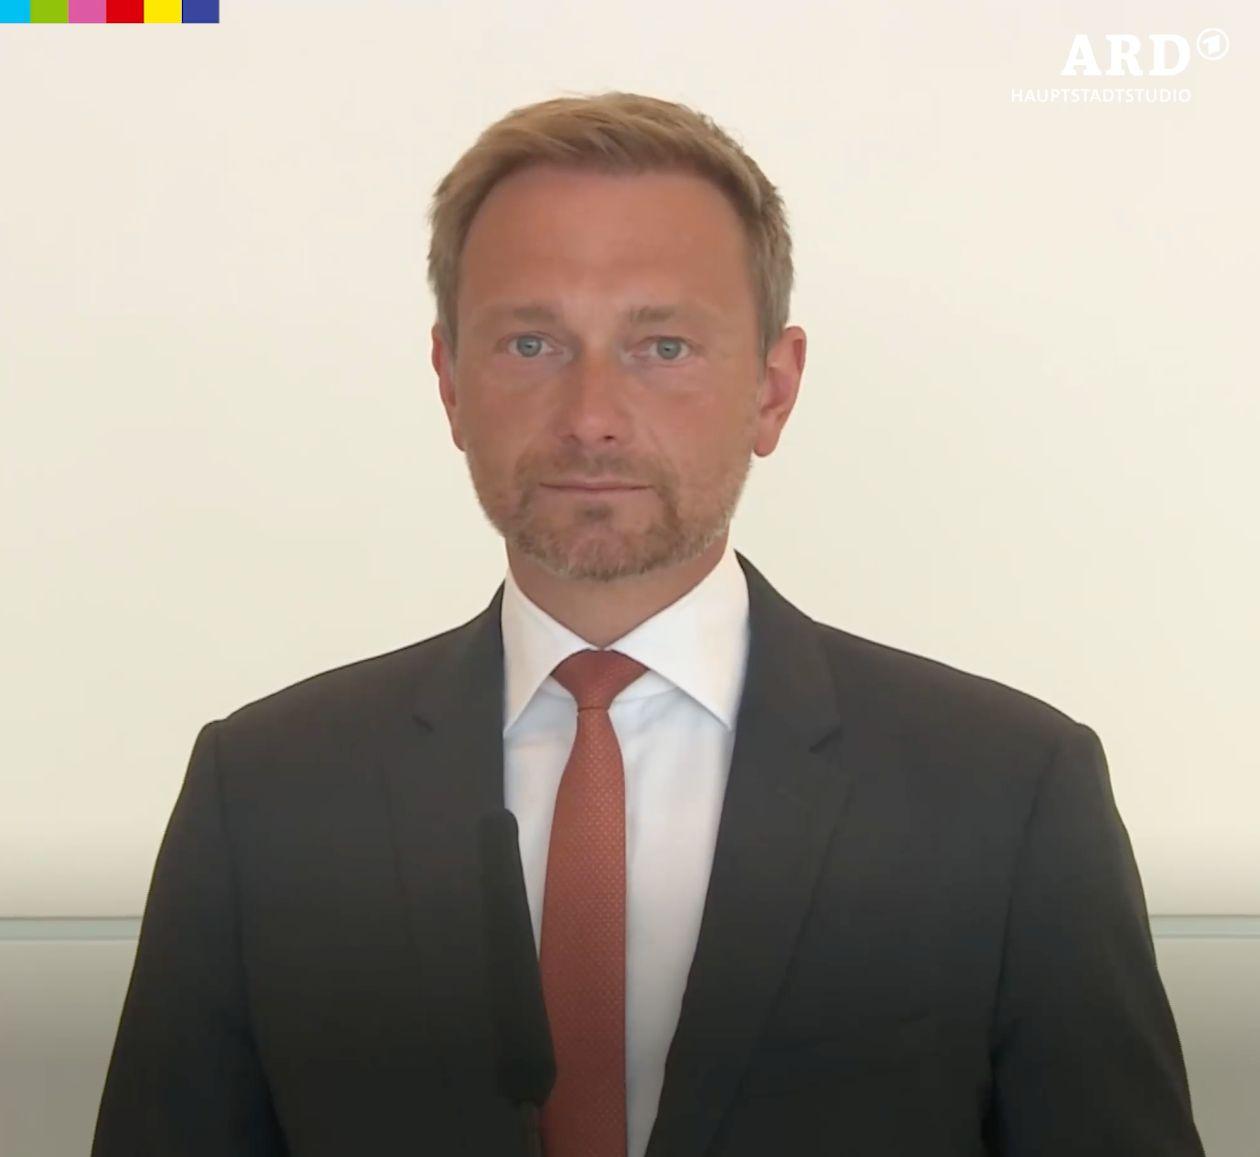 Rede im Bundestag: Immer wenn FDP-Chef Lindner den Mund aufmachte, ertönte ein schrilles